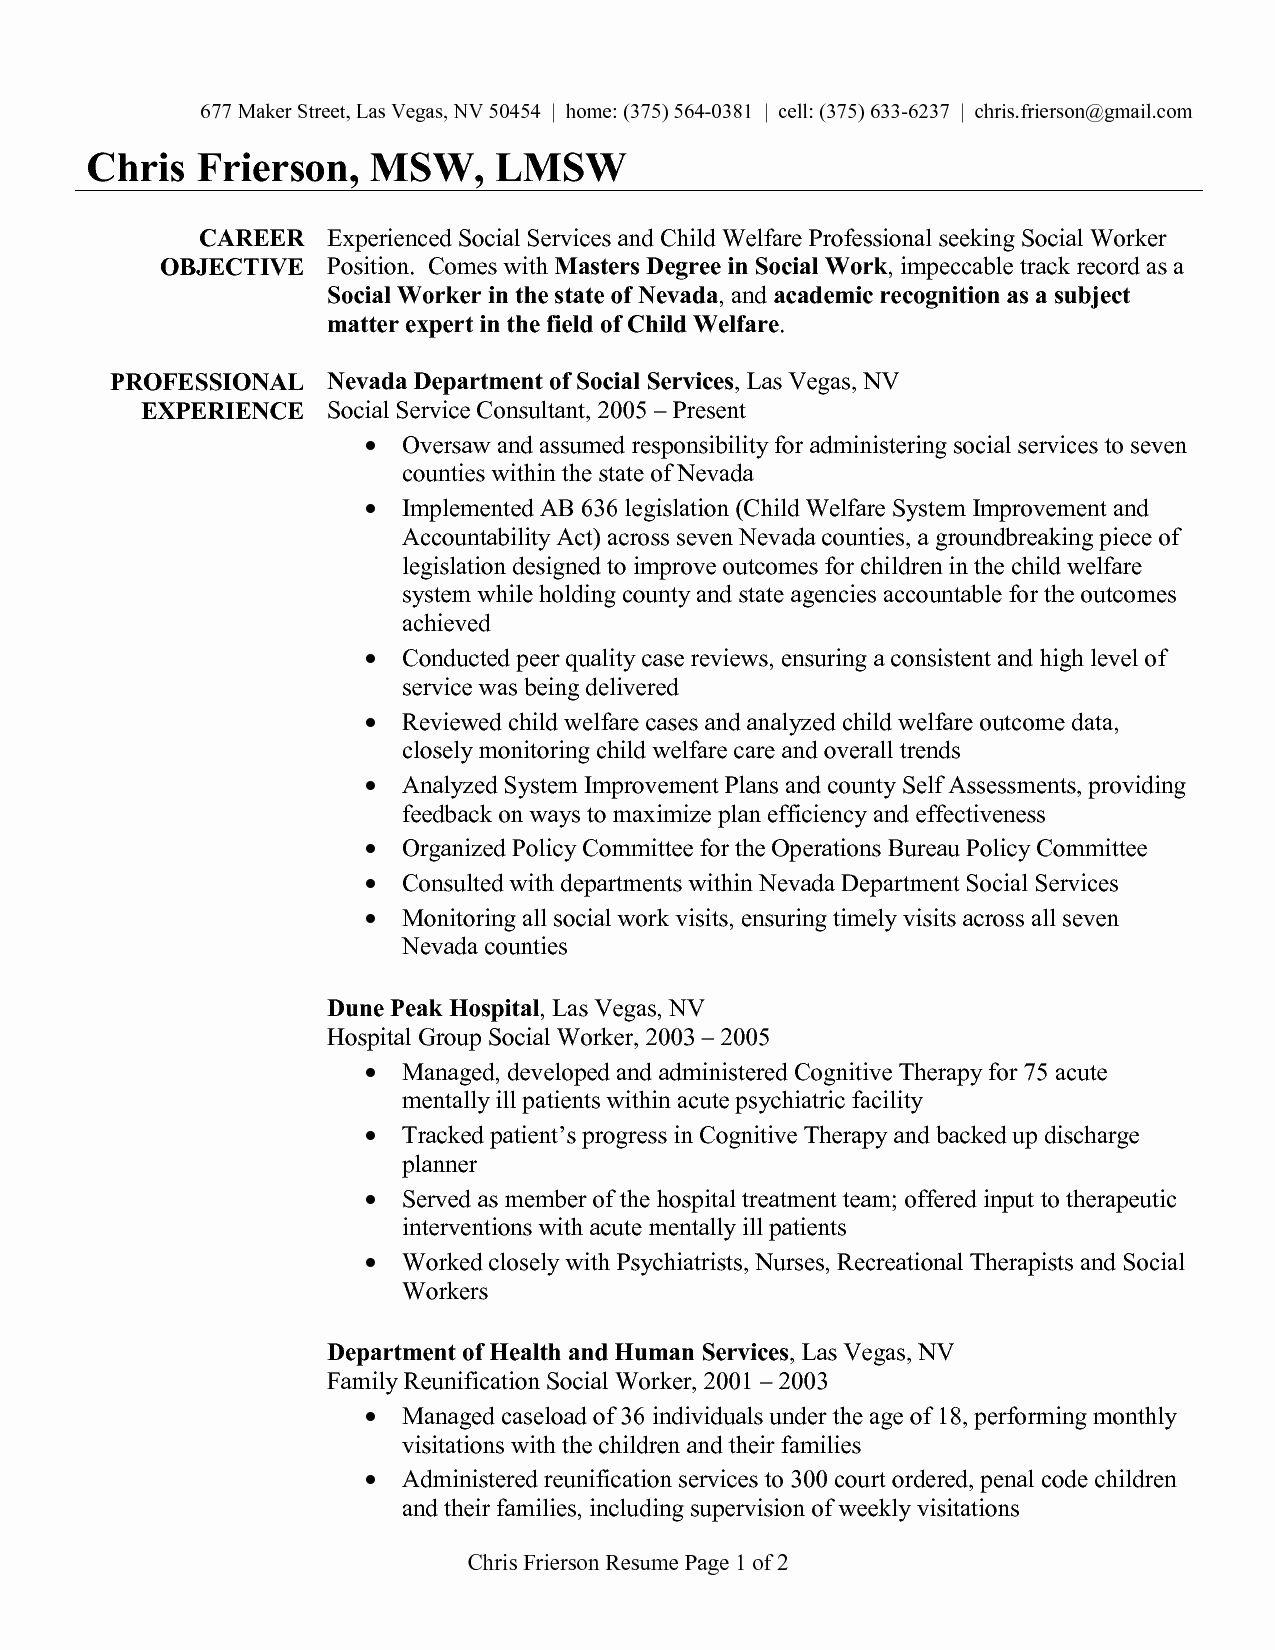 summary statement resume entry level